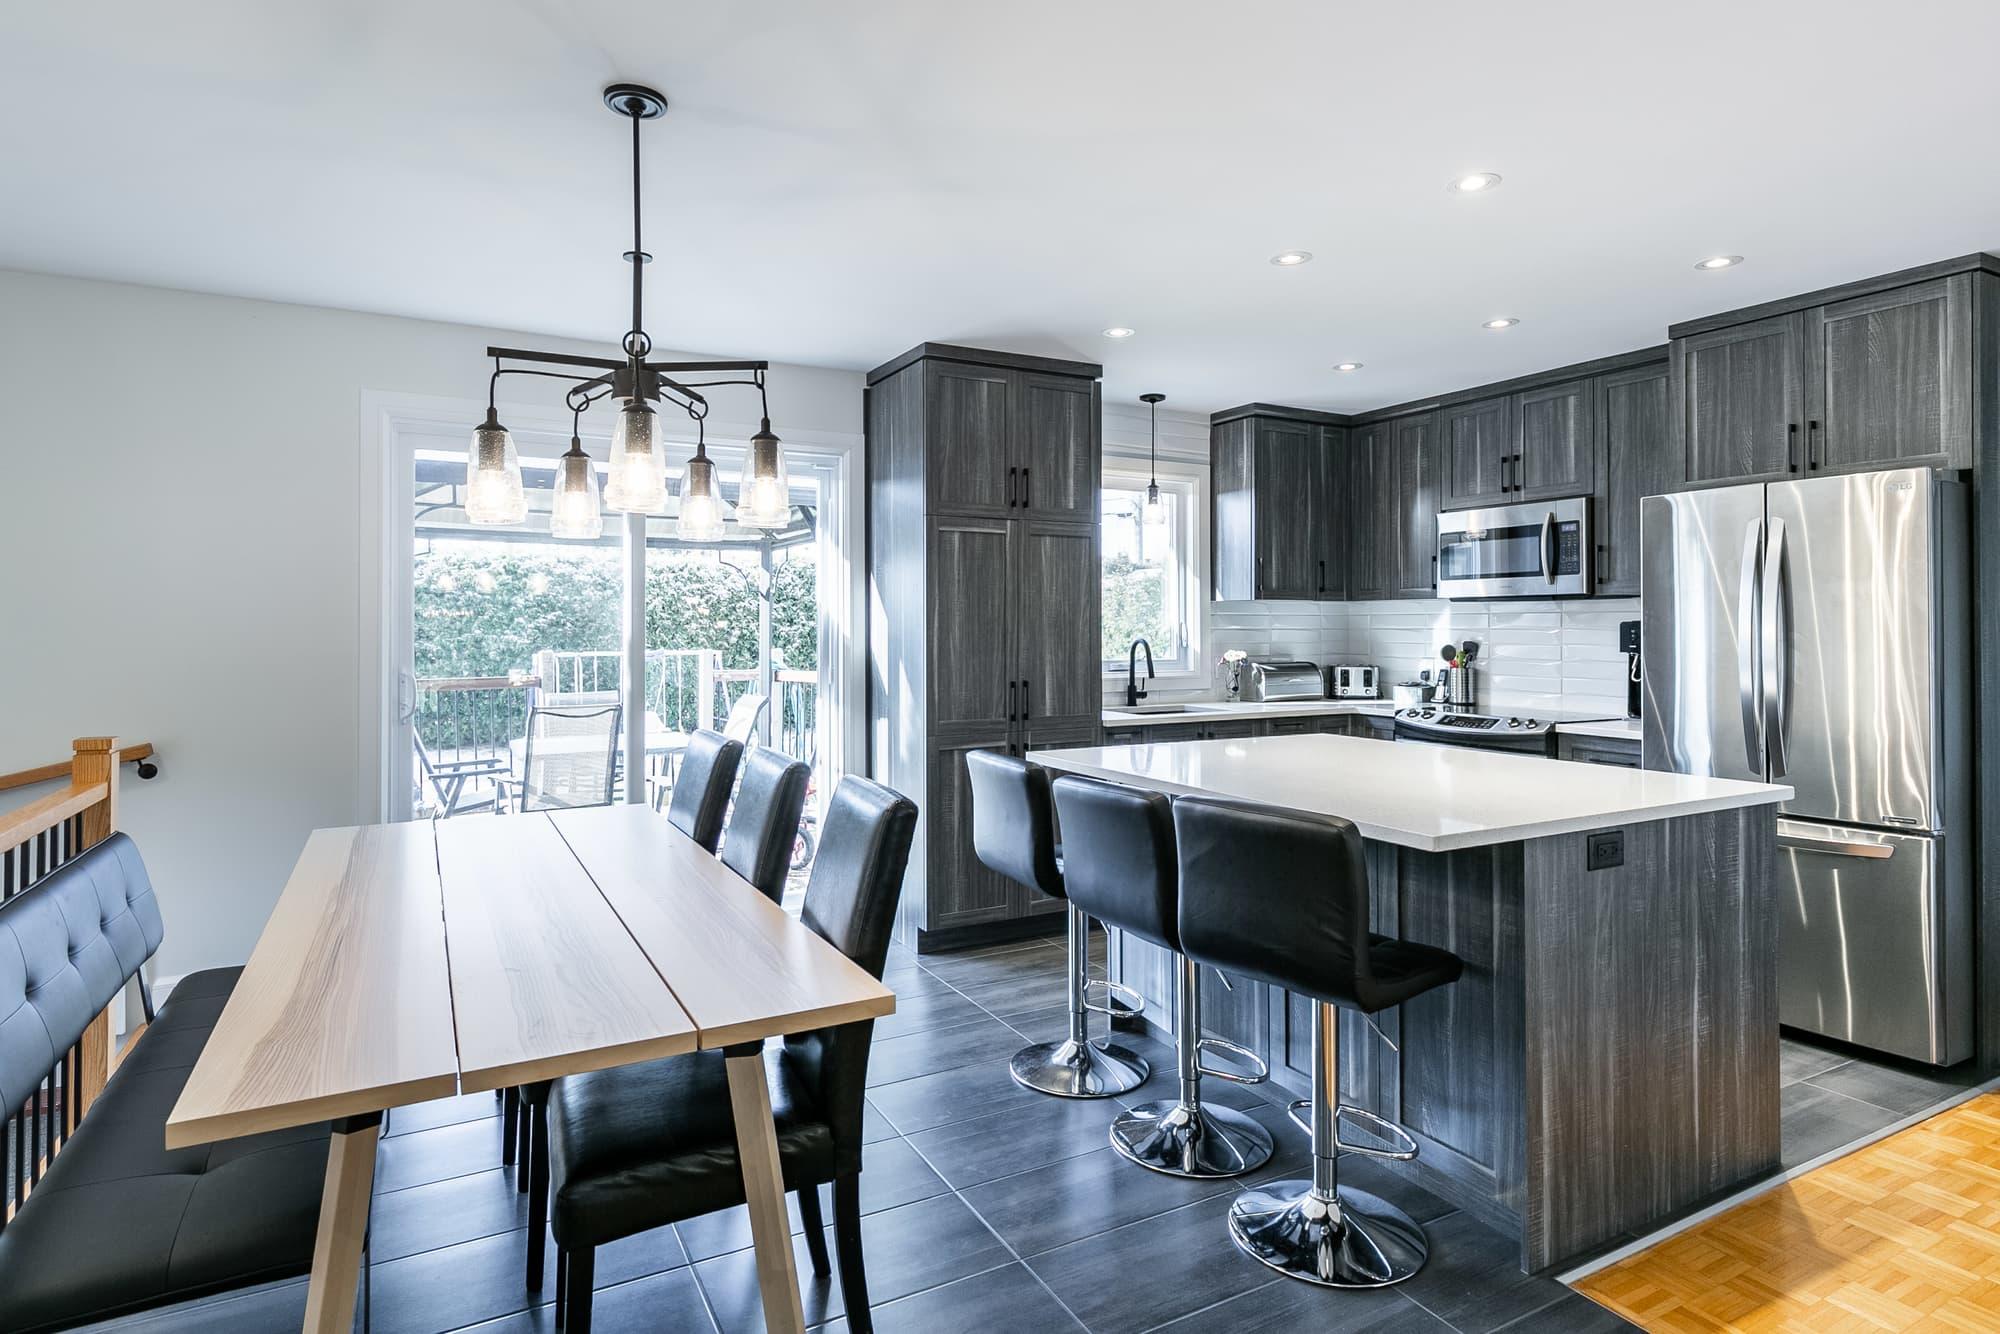 cuisine moderne avec armoire gris foncé et îlot avec coin lunch et bancs